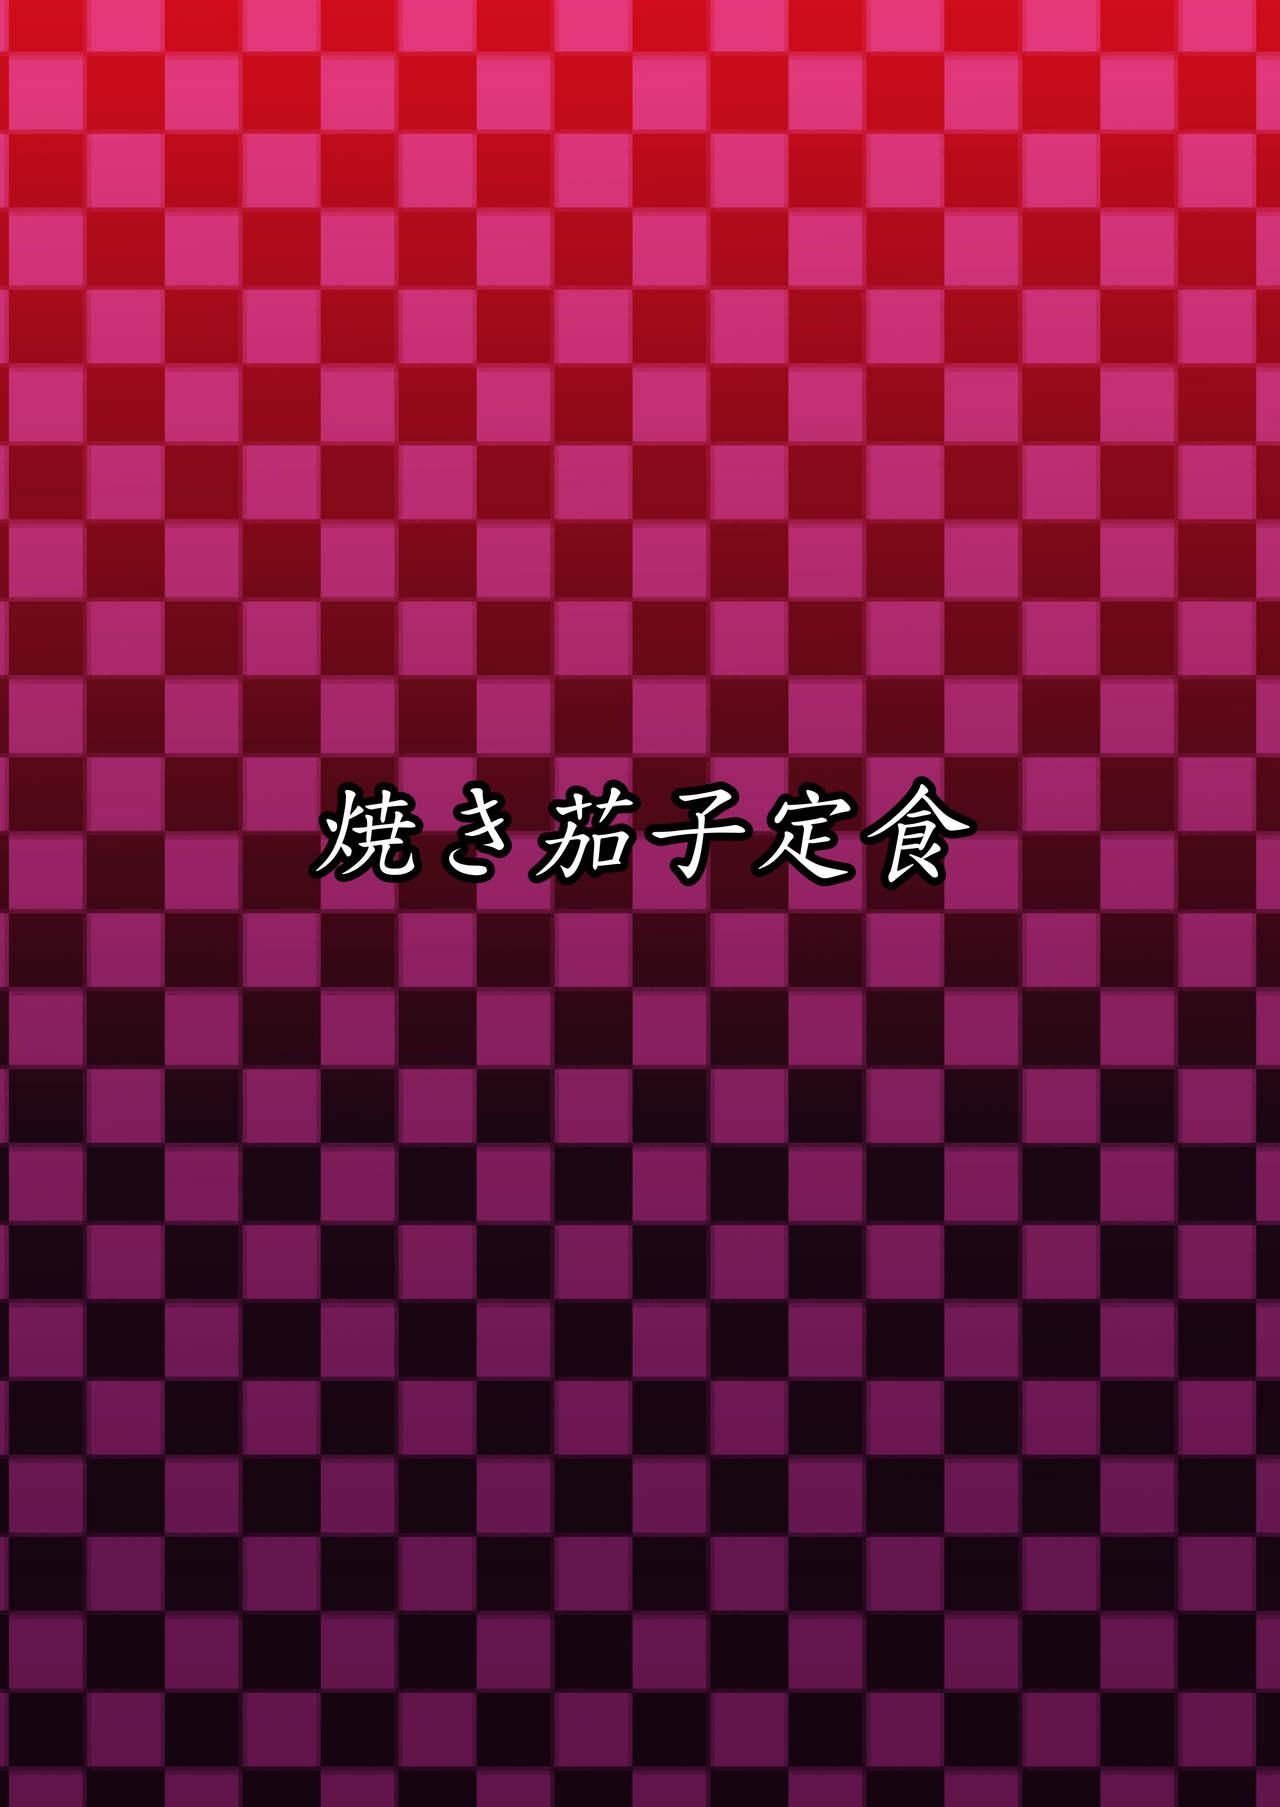 Juuyoku Shinshoku 39